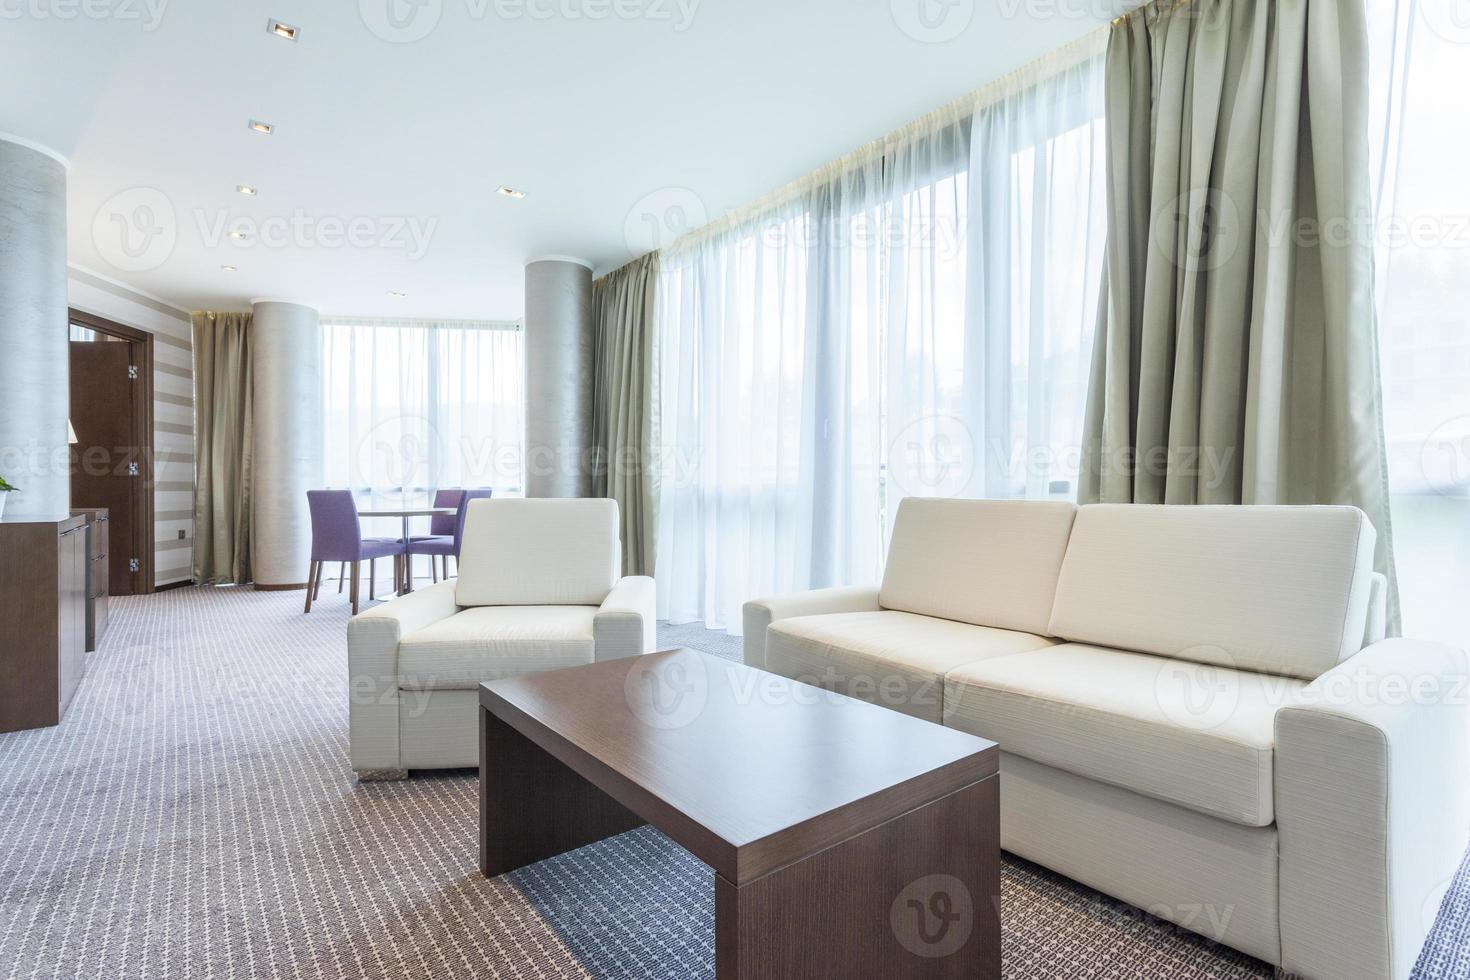 moderne lichte woonkamer interieur foto